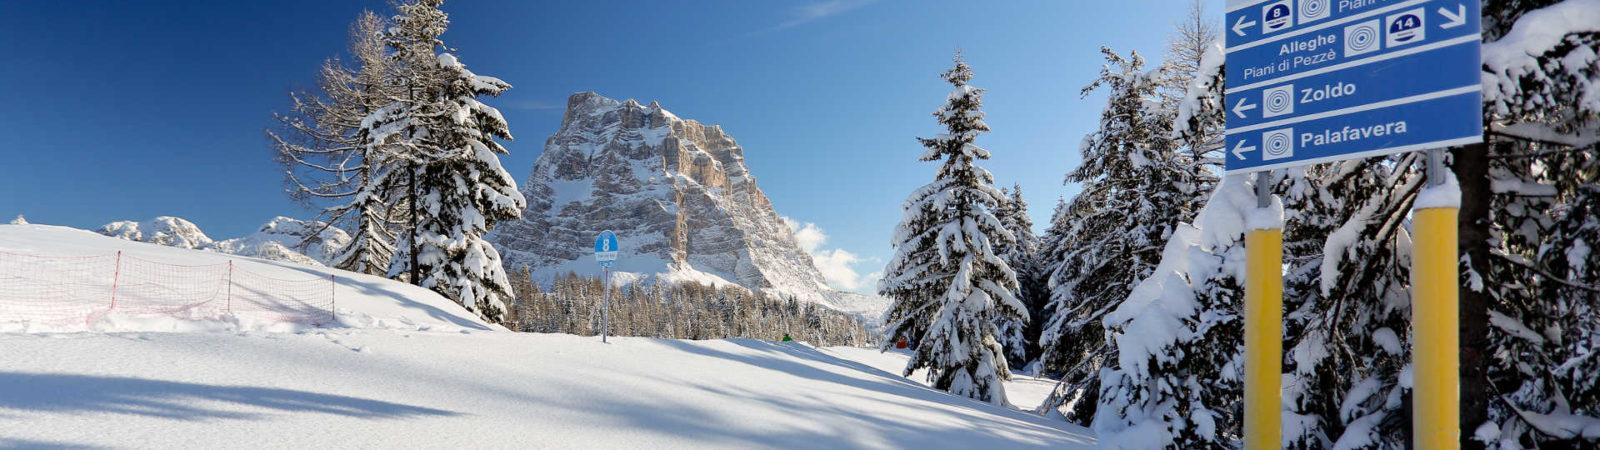 Difficoltà delle piste da sci: i colori della segnaletica